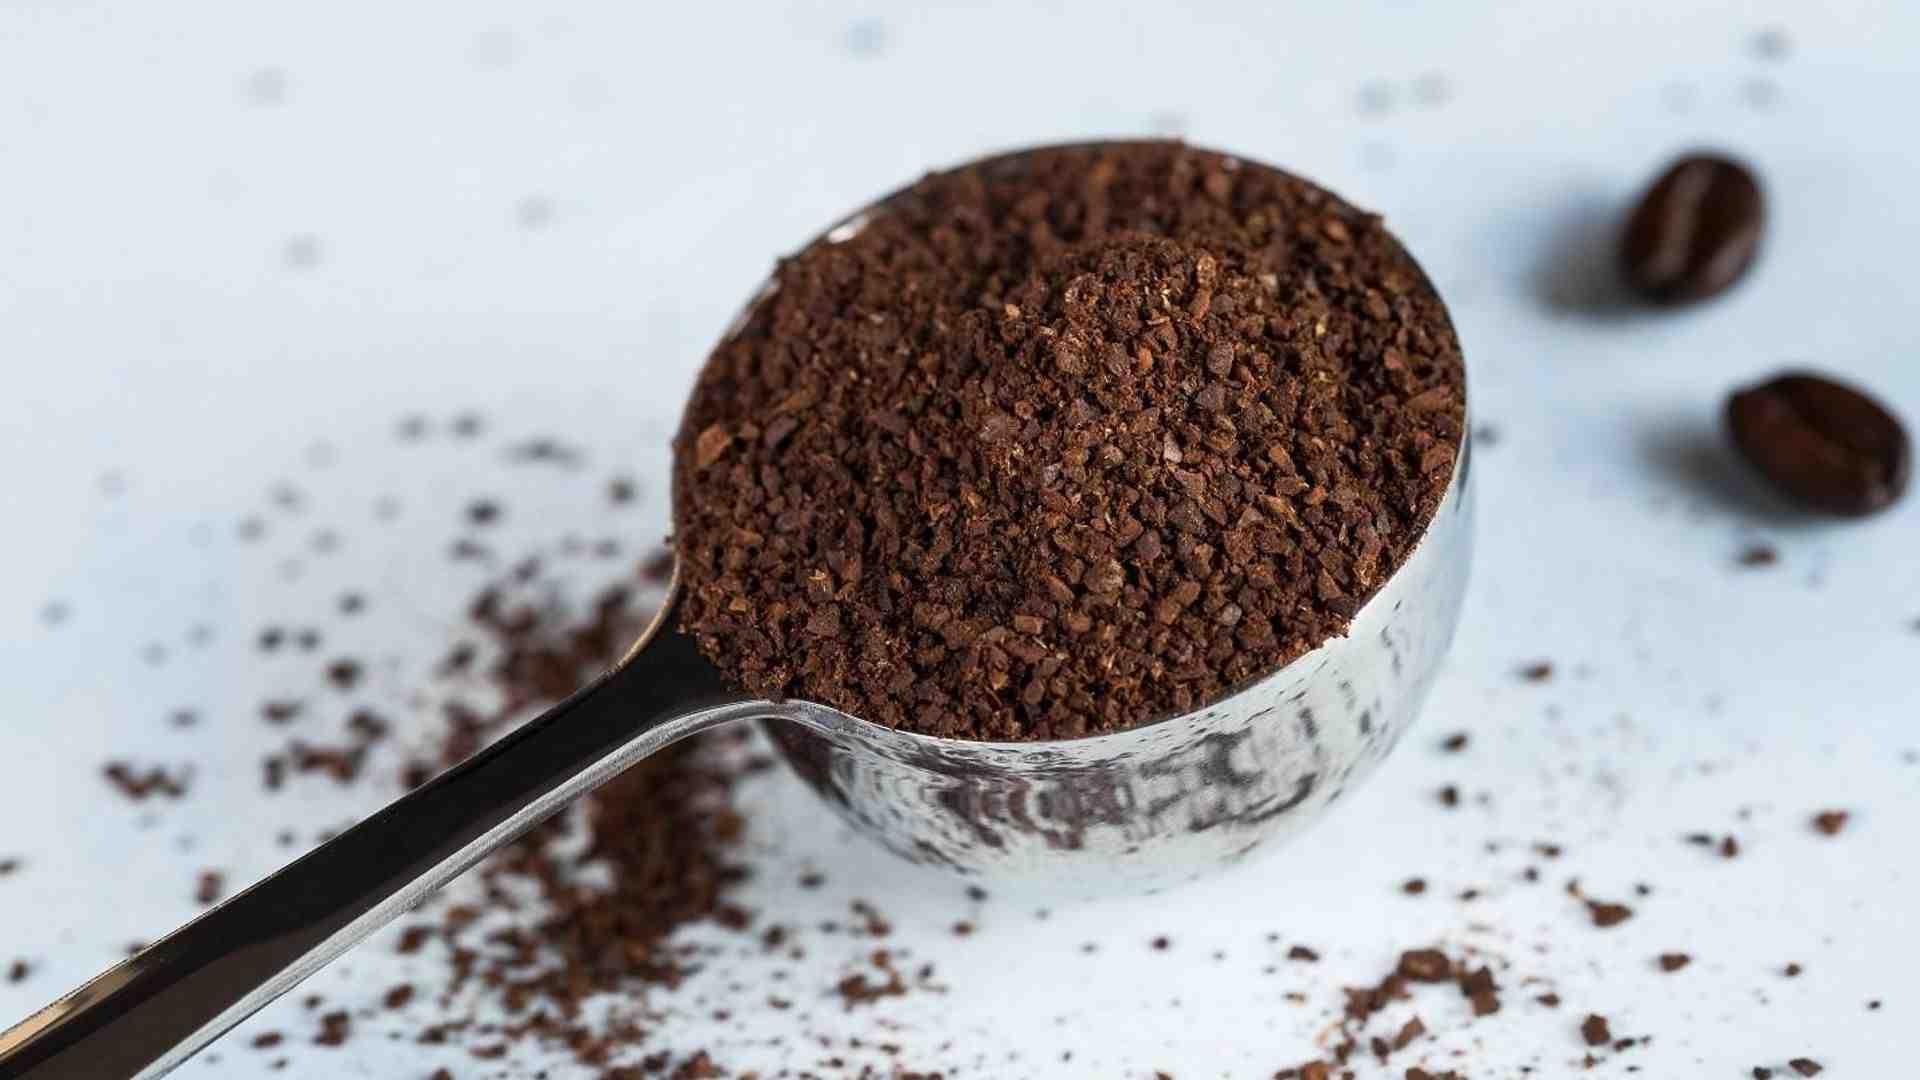 Quel est lyophilise cafe ?